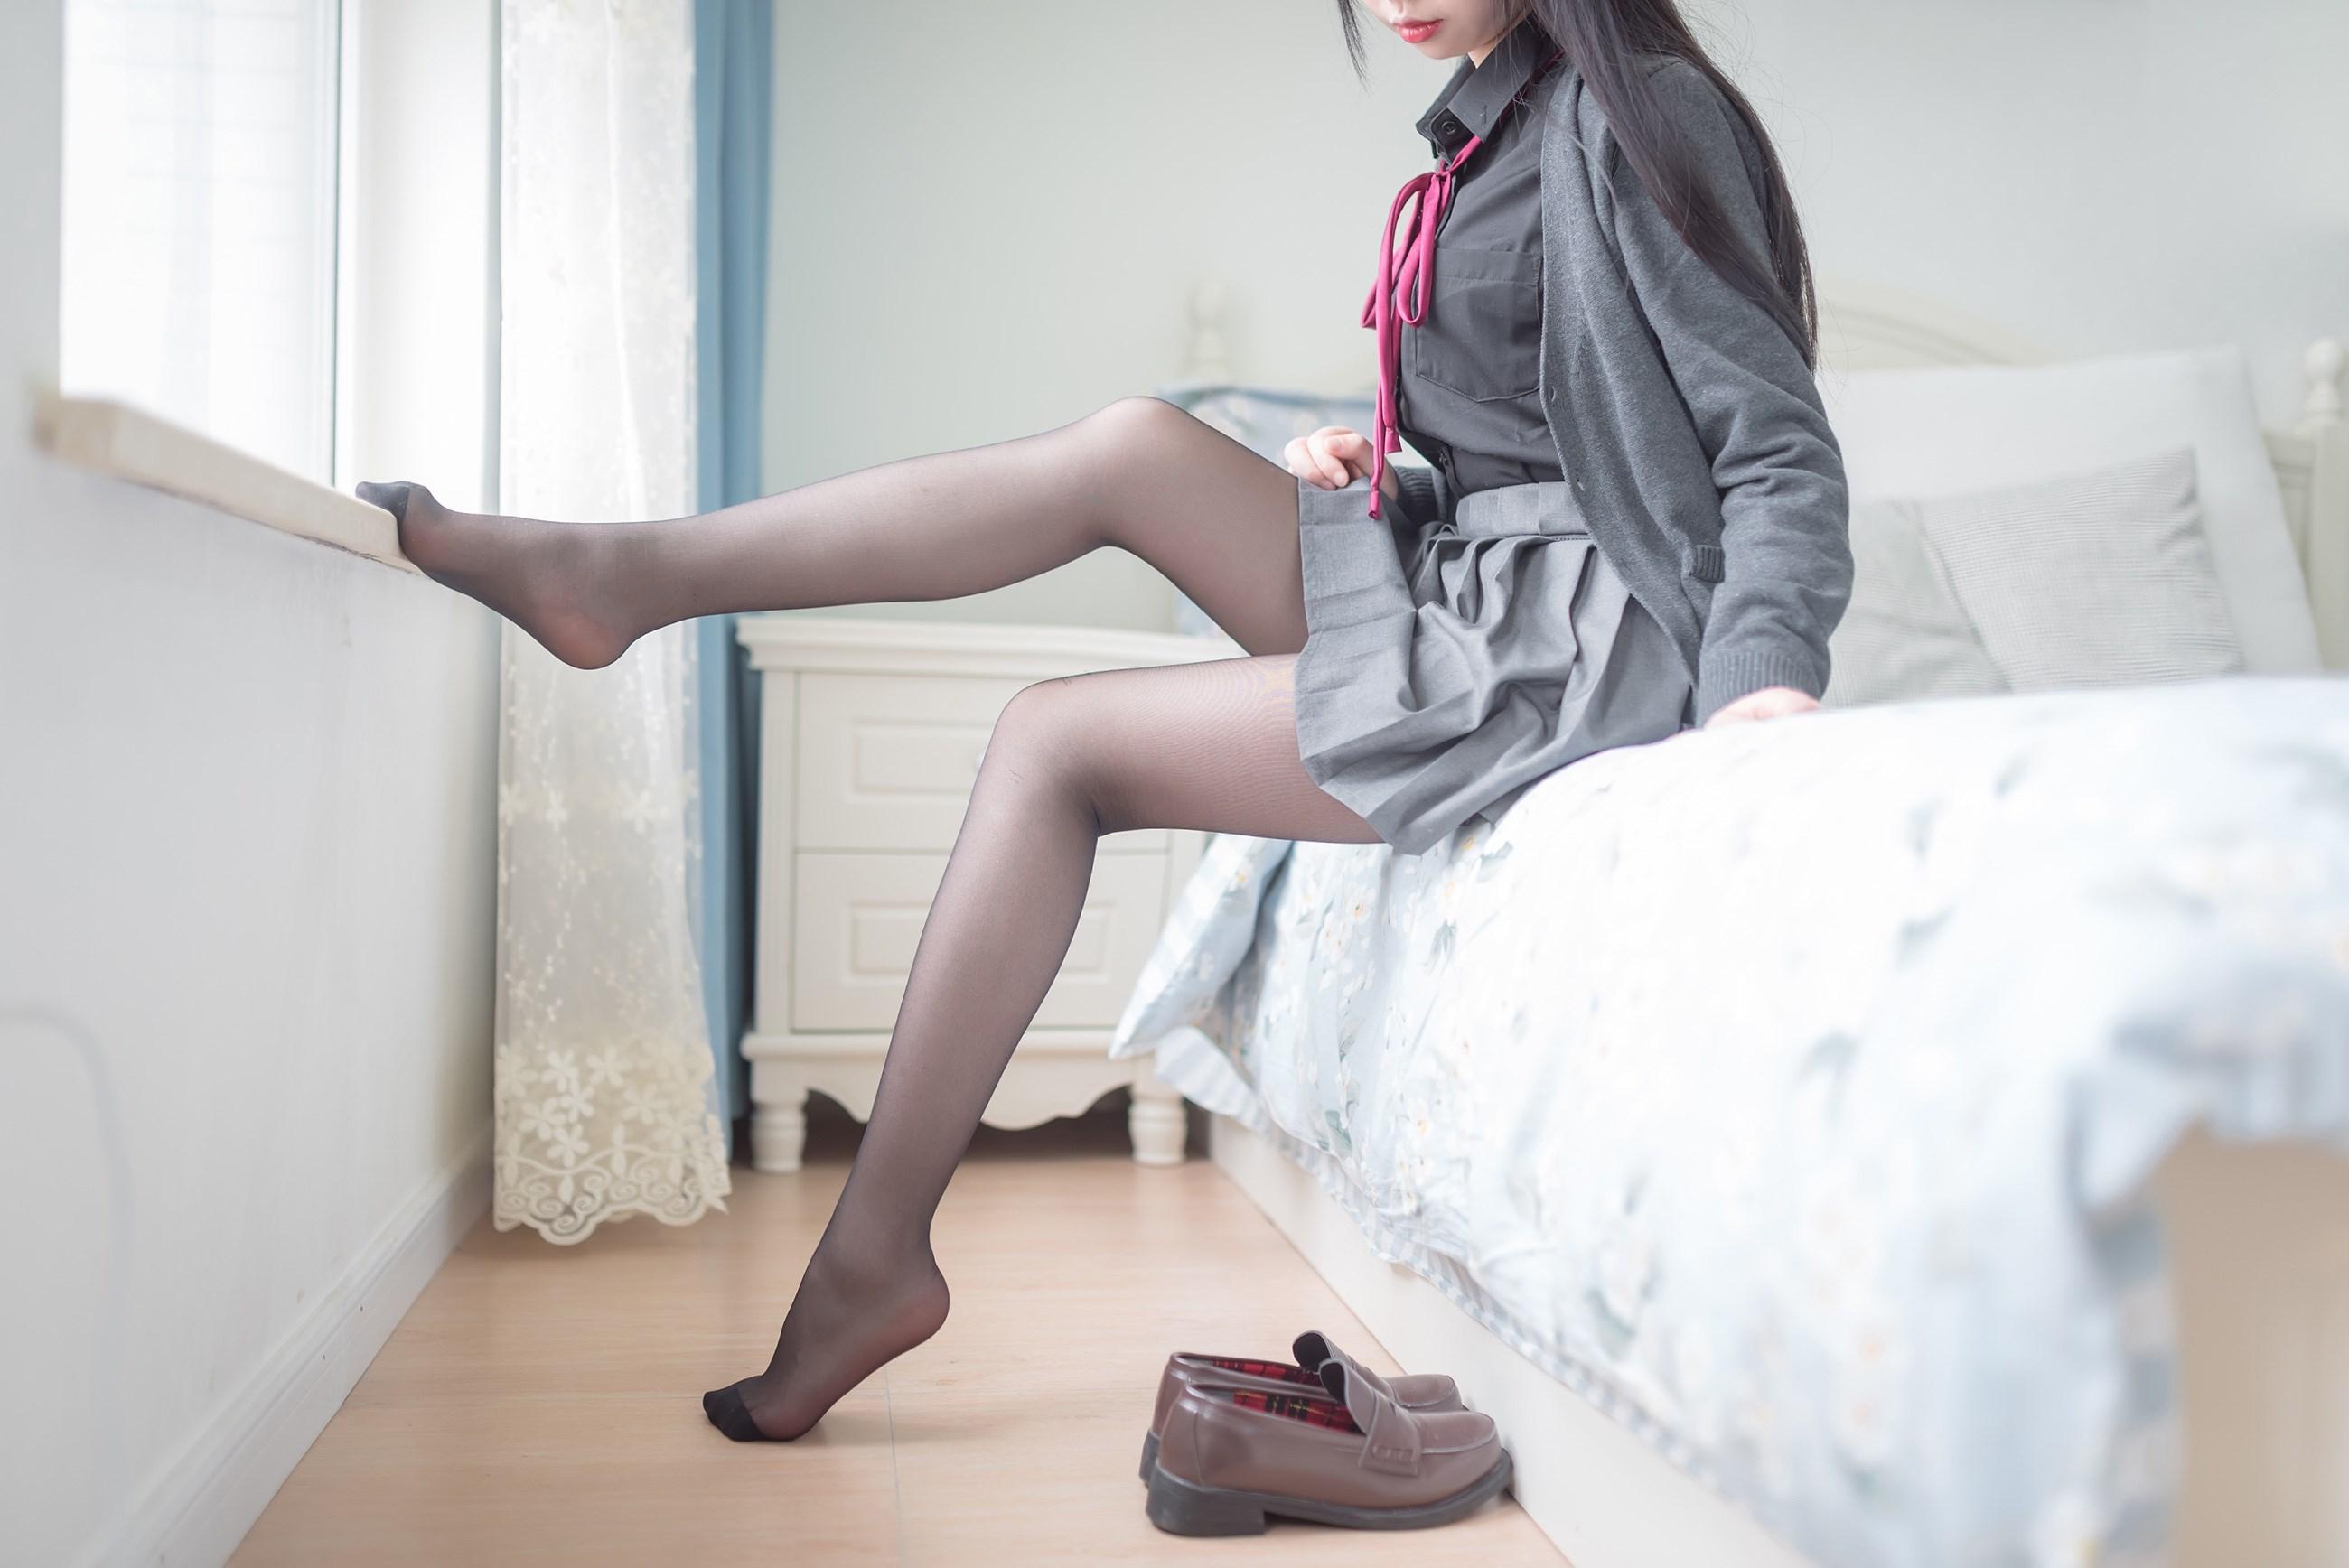 【兔玩映画】黑丝萌萌哒 兔玩映画 第37张